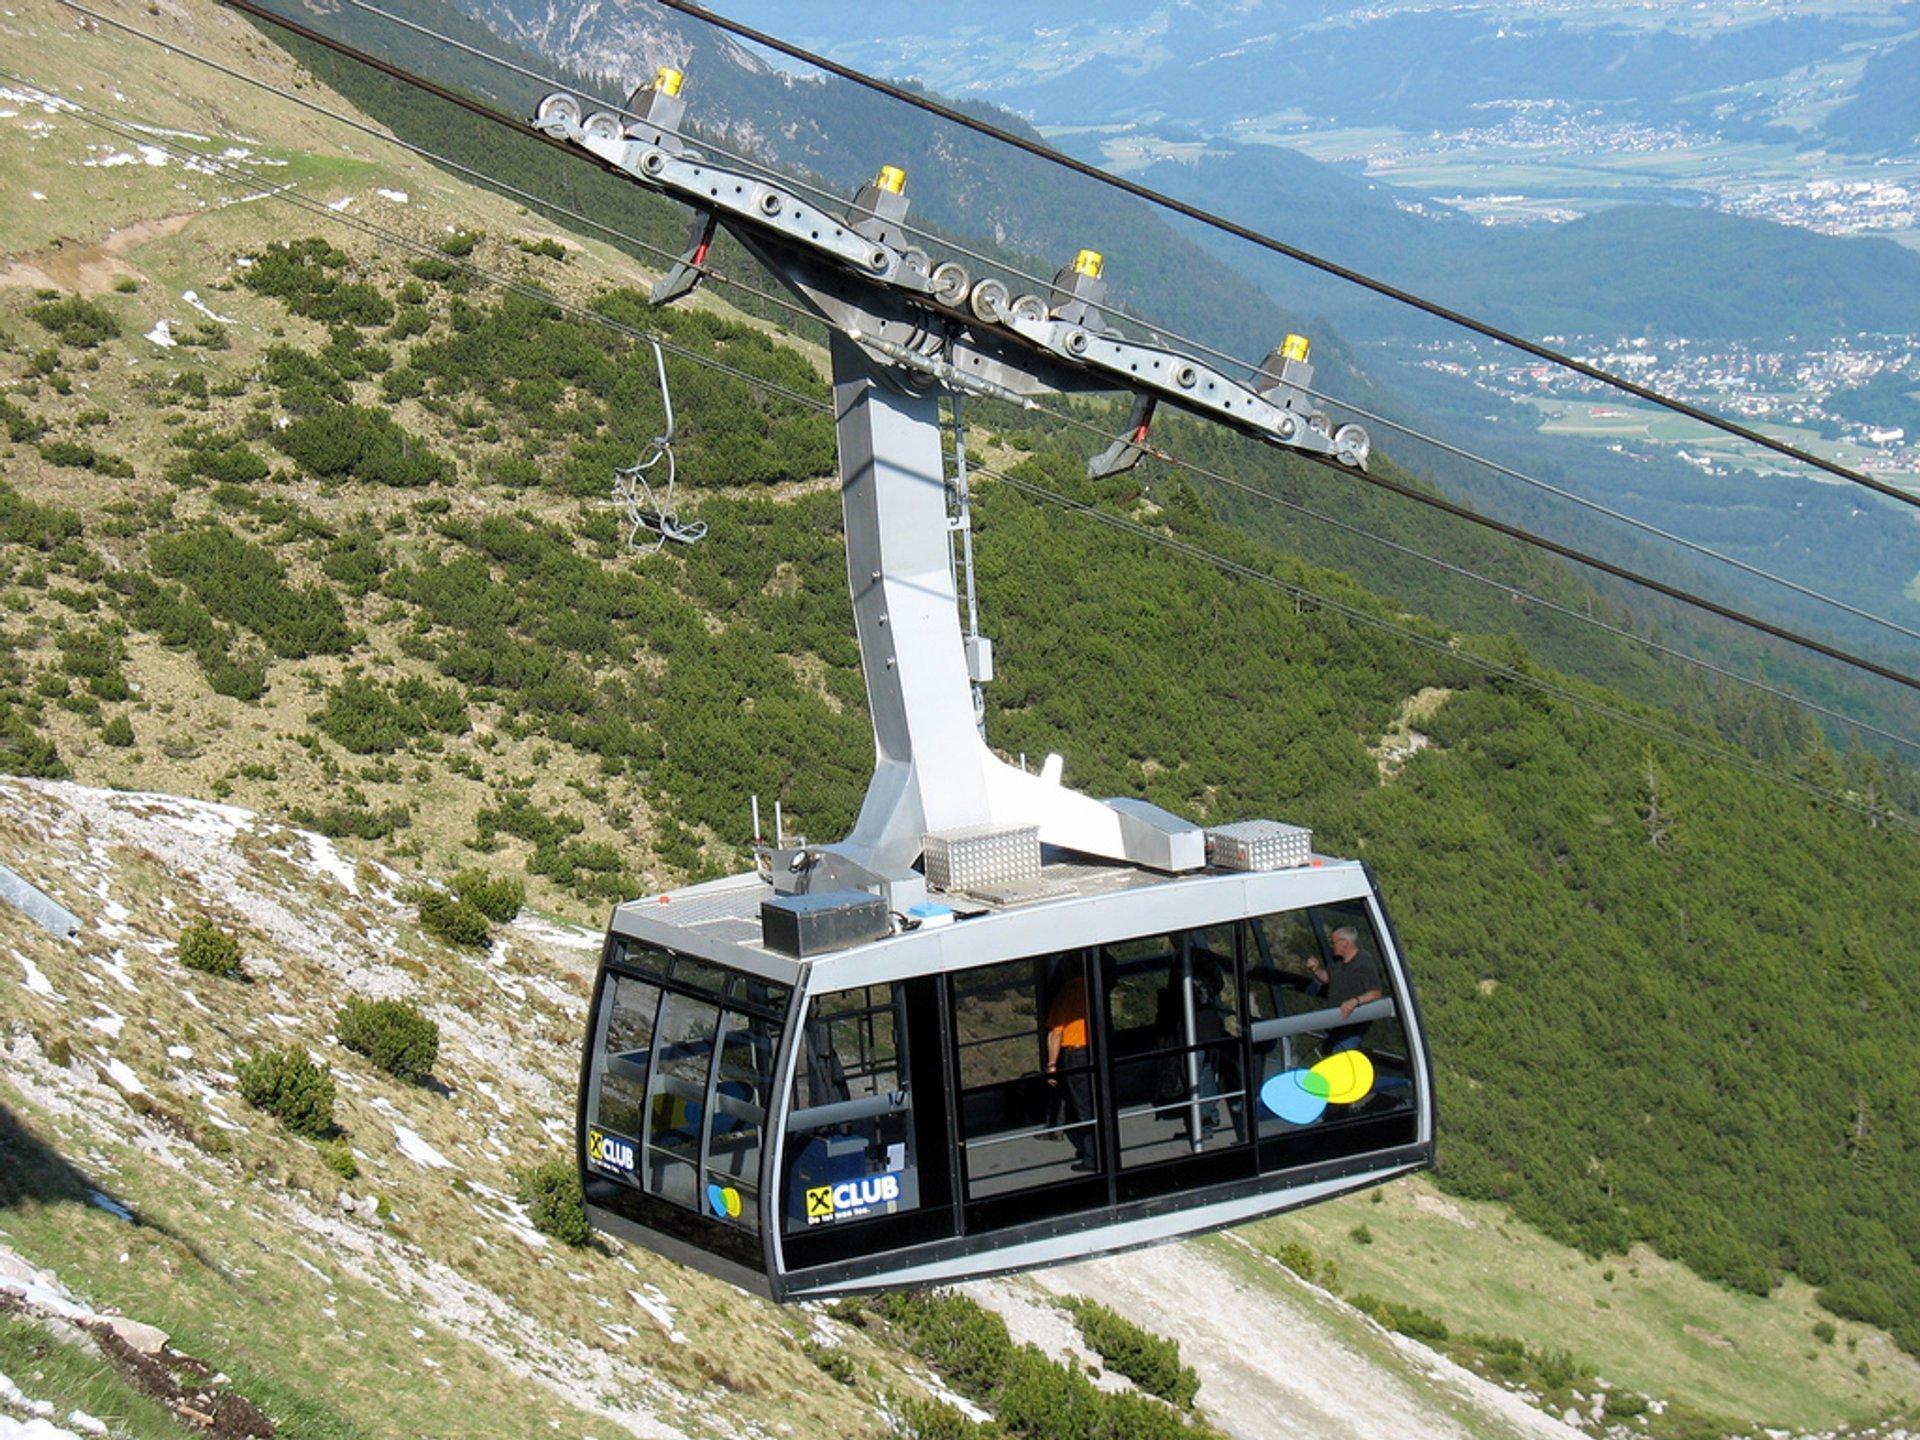 Alpenzoo Innsbruck in Austria - Best Season 2020